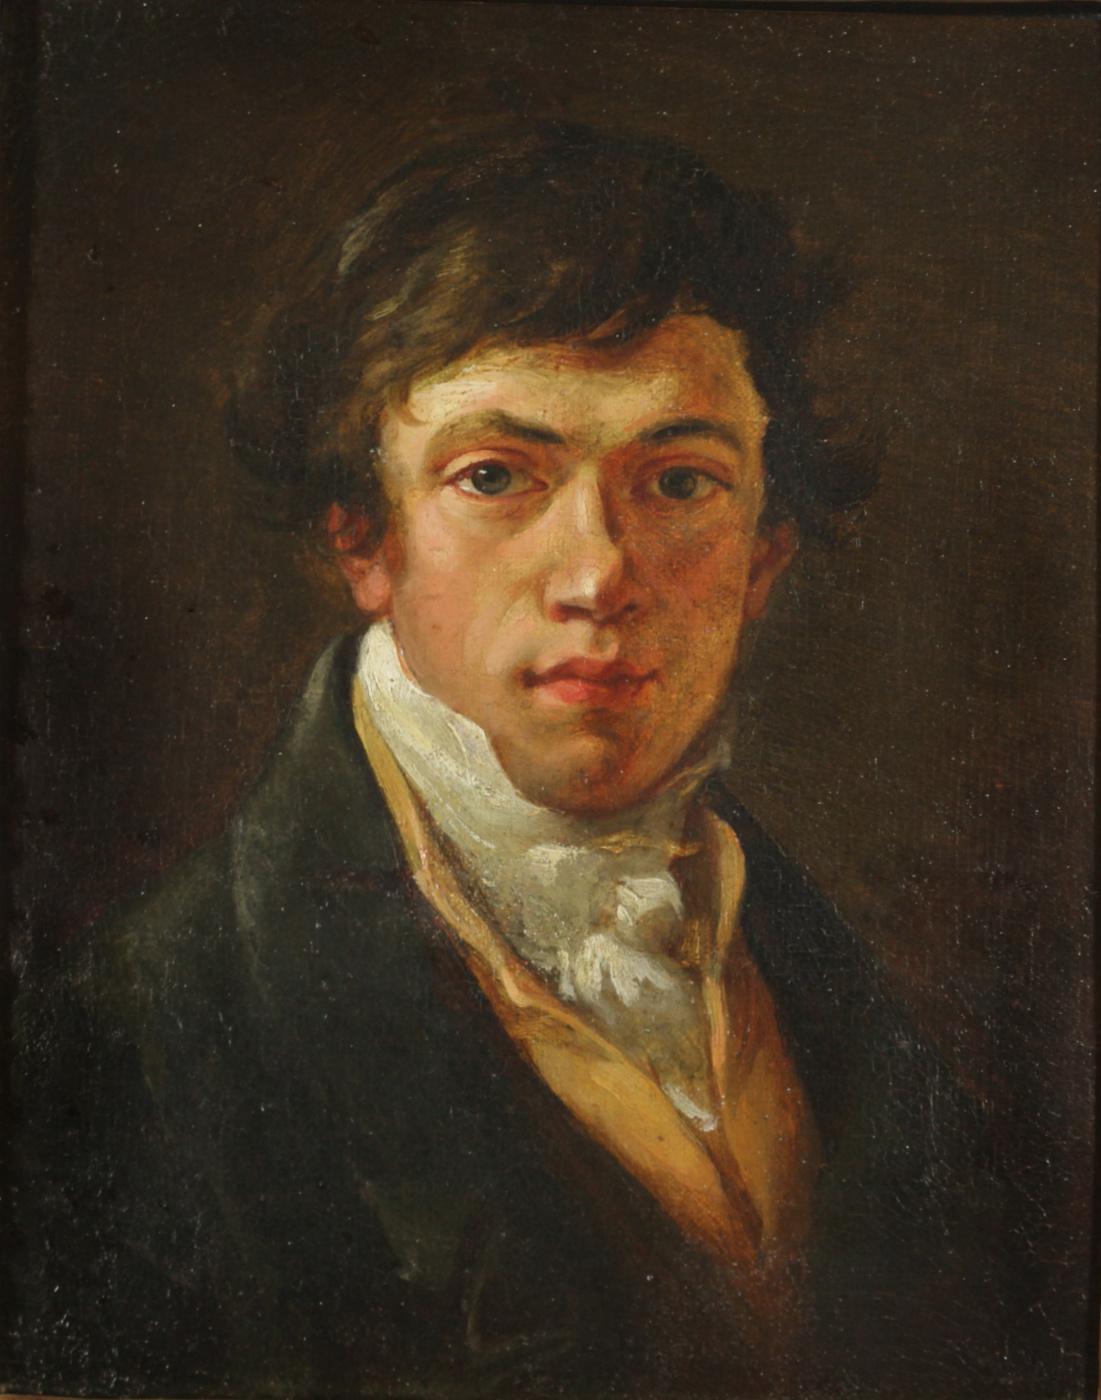 Valentine Mel'chiorovich Vankovich. Self portrait 1830s